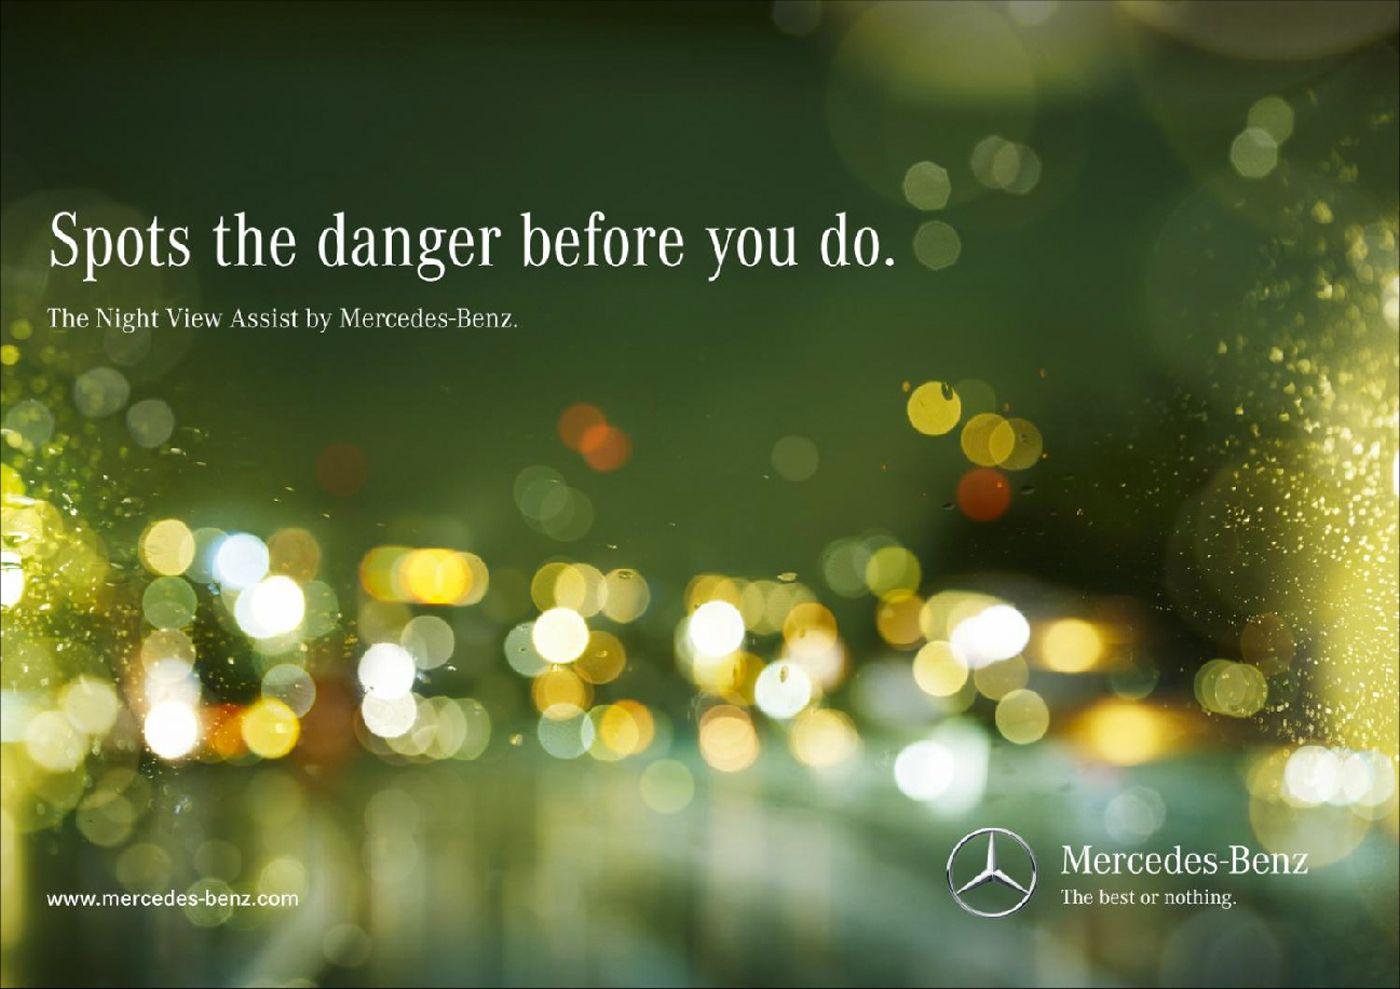 Mercedes Night View Assist Deer Spots The Danger Before You Do The Night View Assist By Mercedes Benz